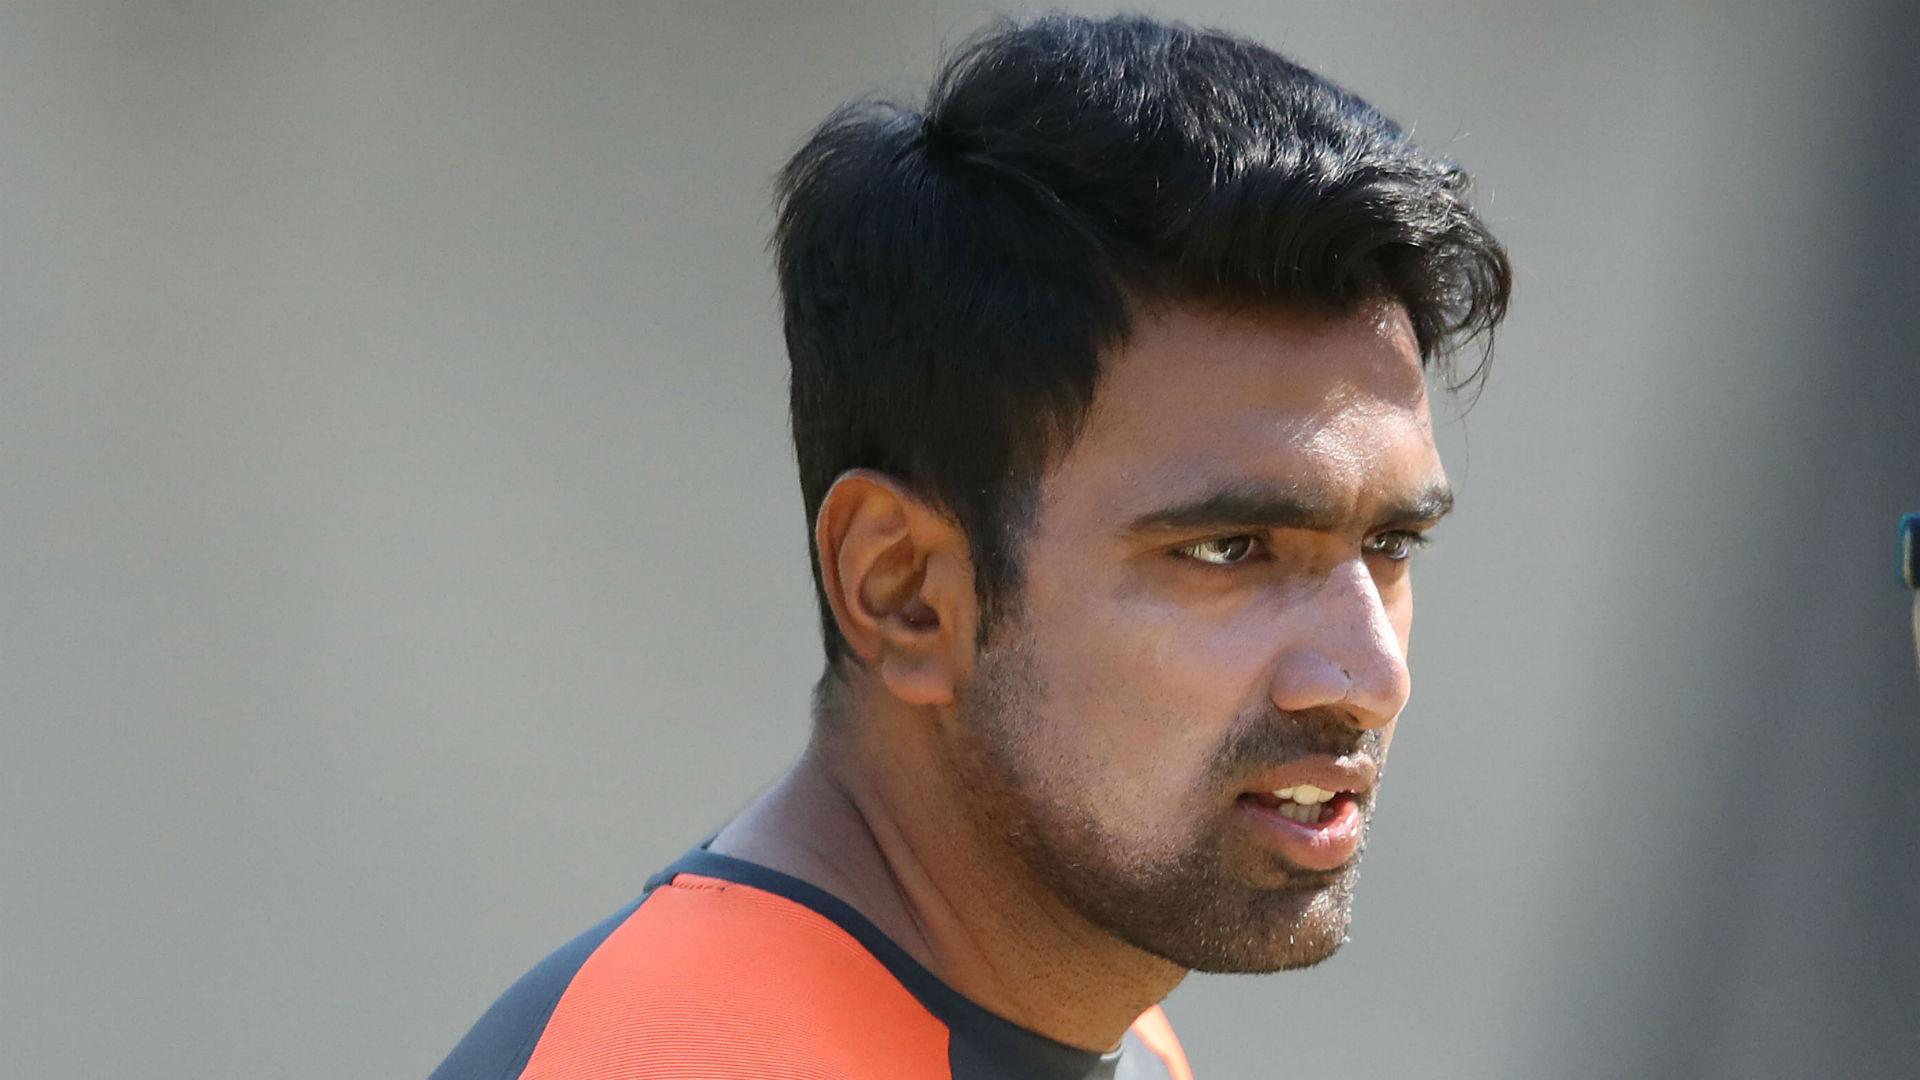 Australia duo follow Tye in heading home from IPL as Ashwin takes a break